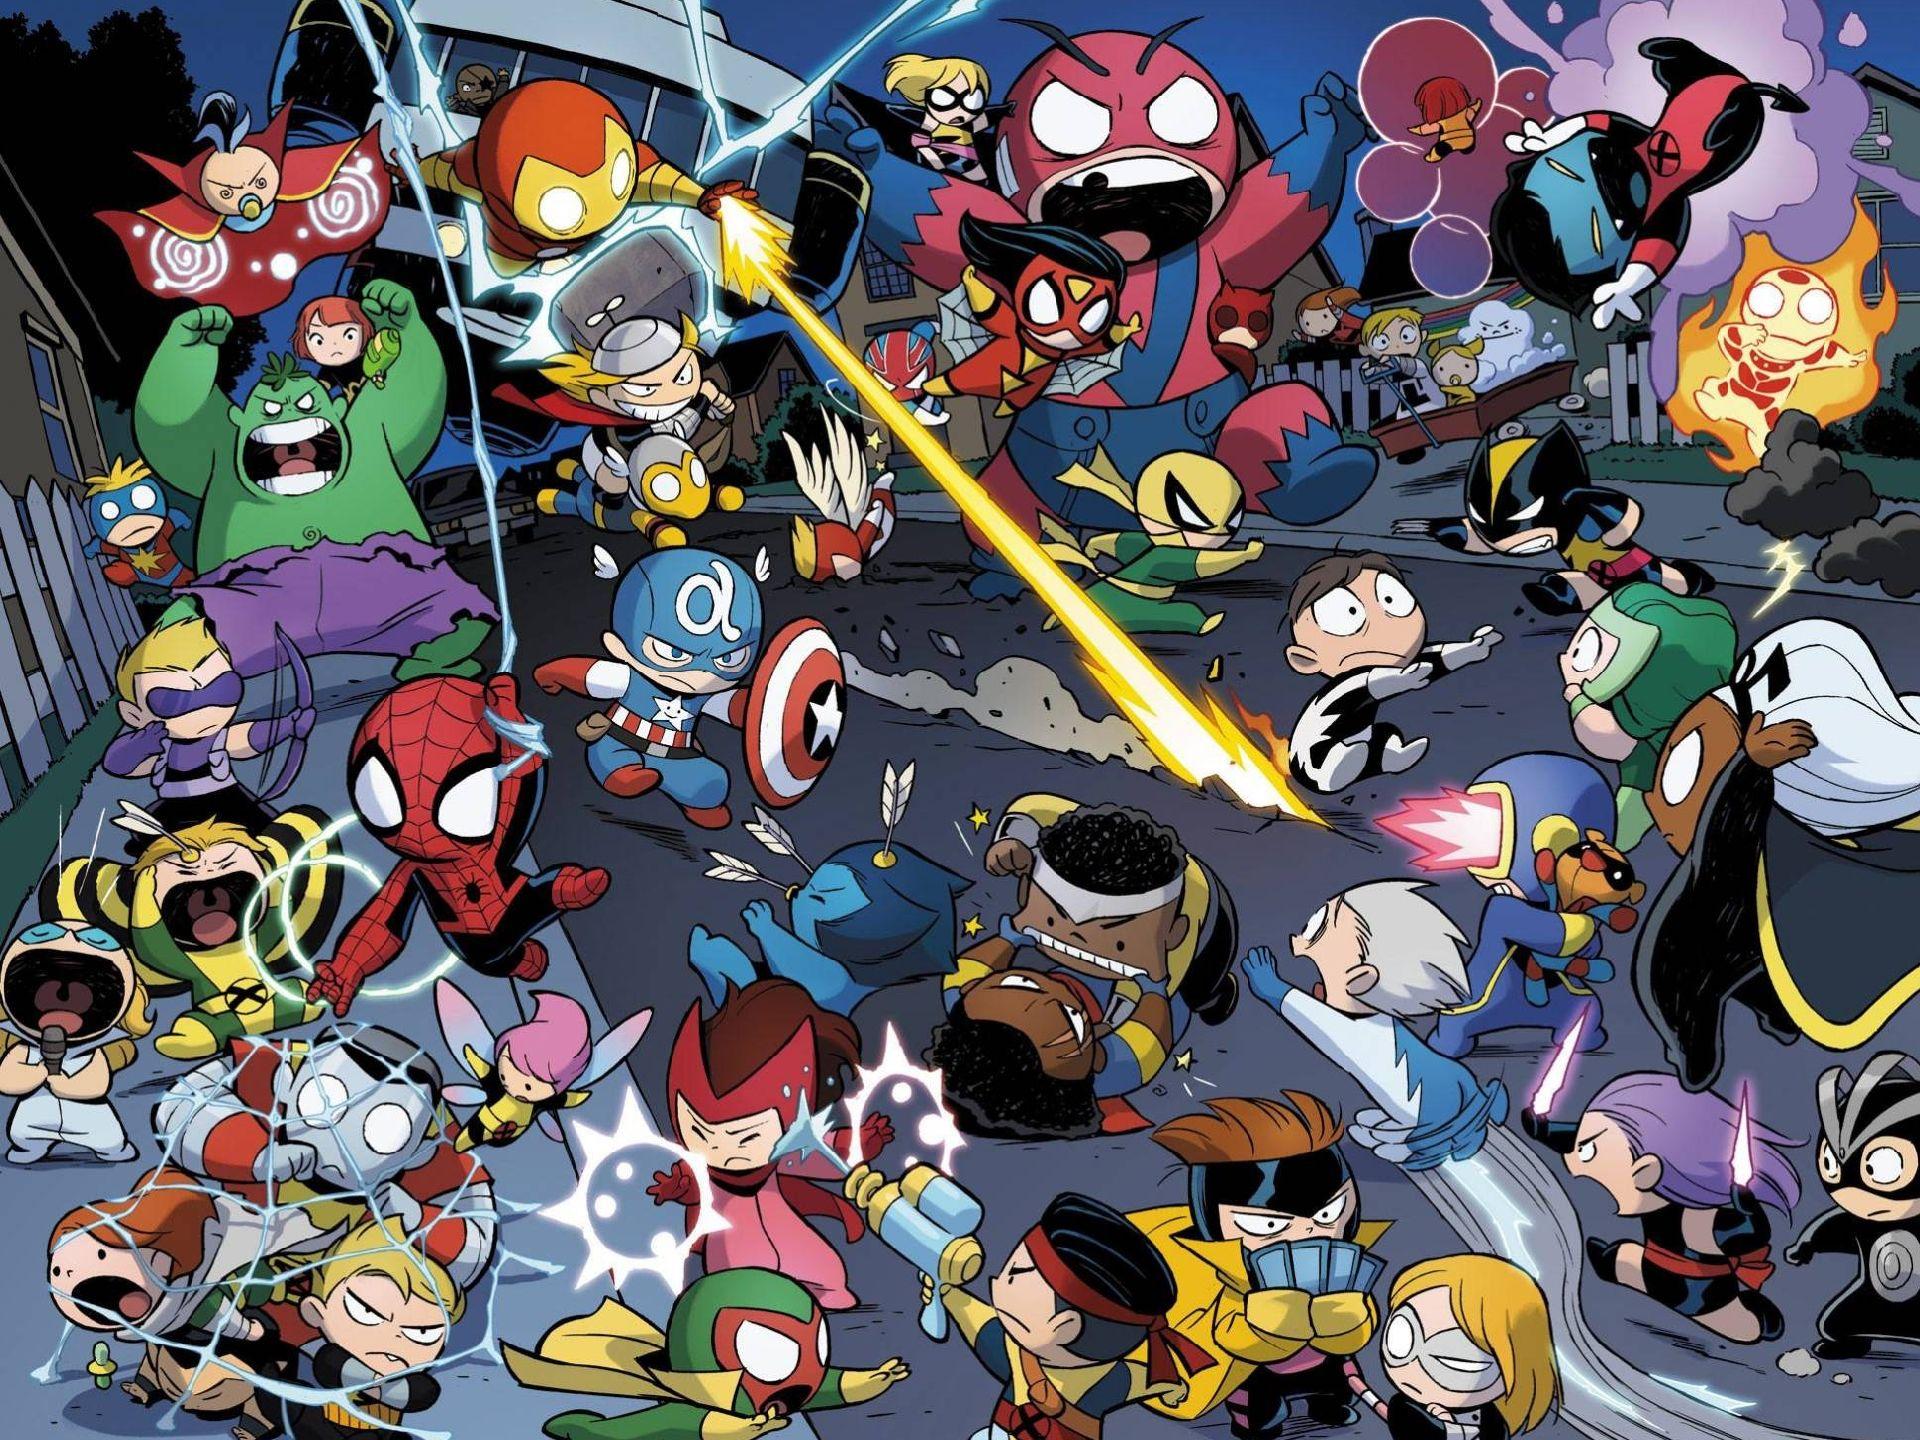 Comics Avengers Vs. X-Men Babies Wallpaper #465863 ...